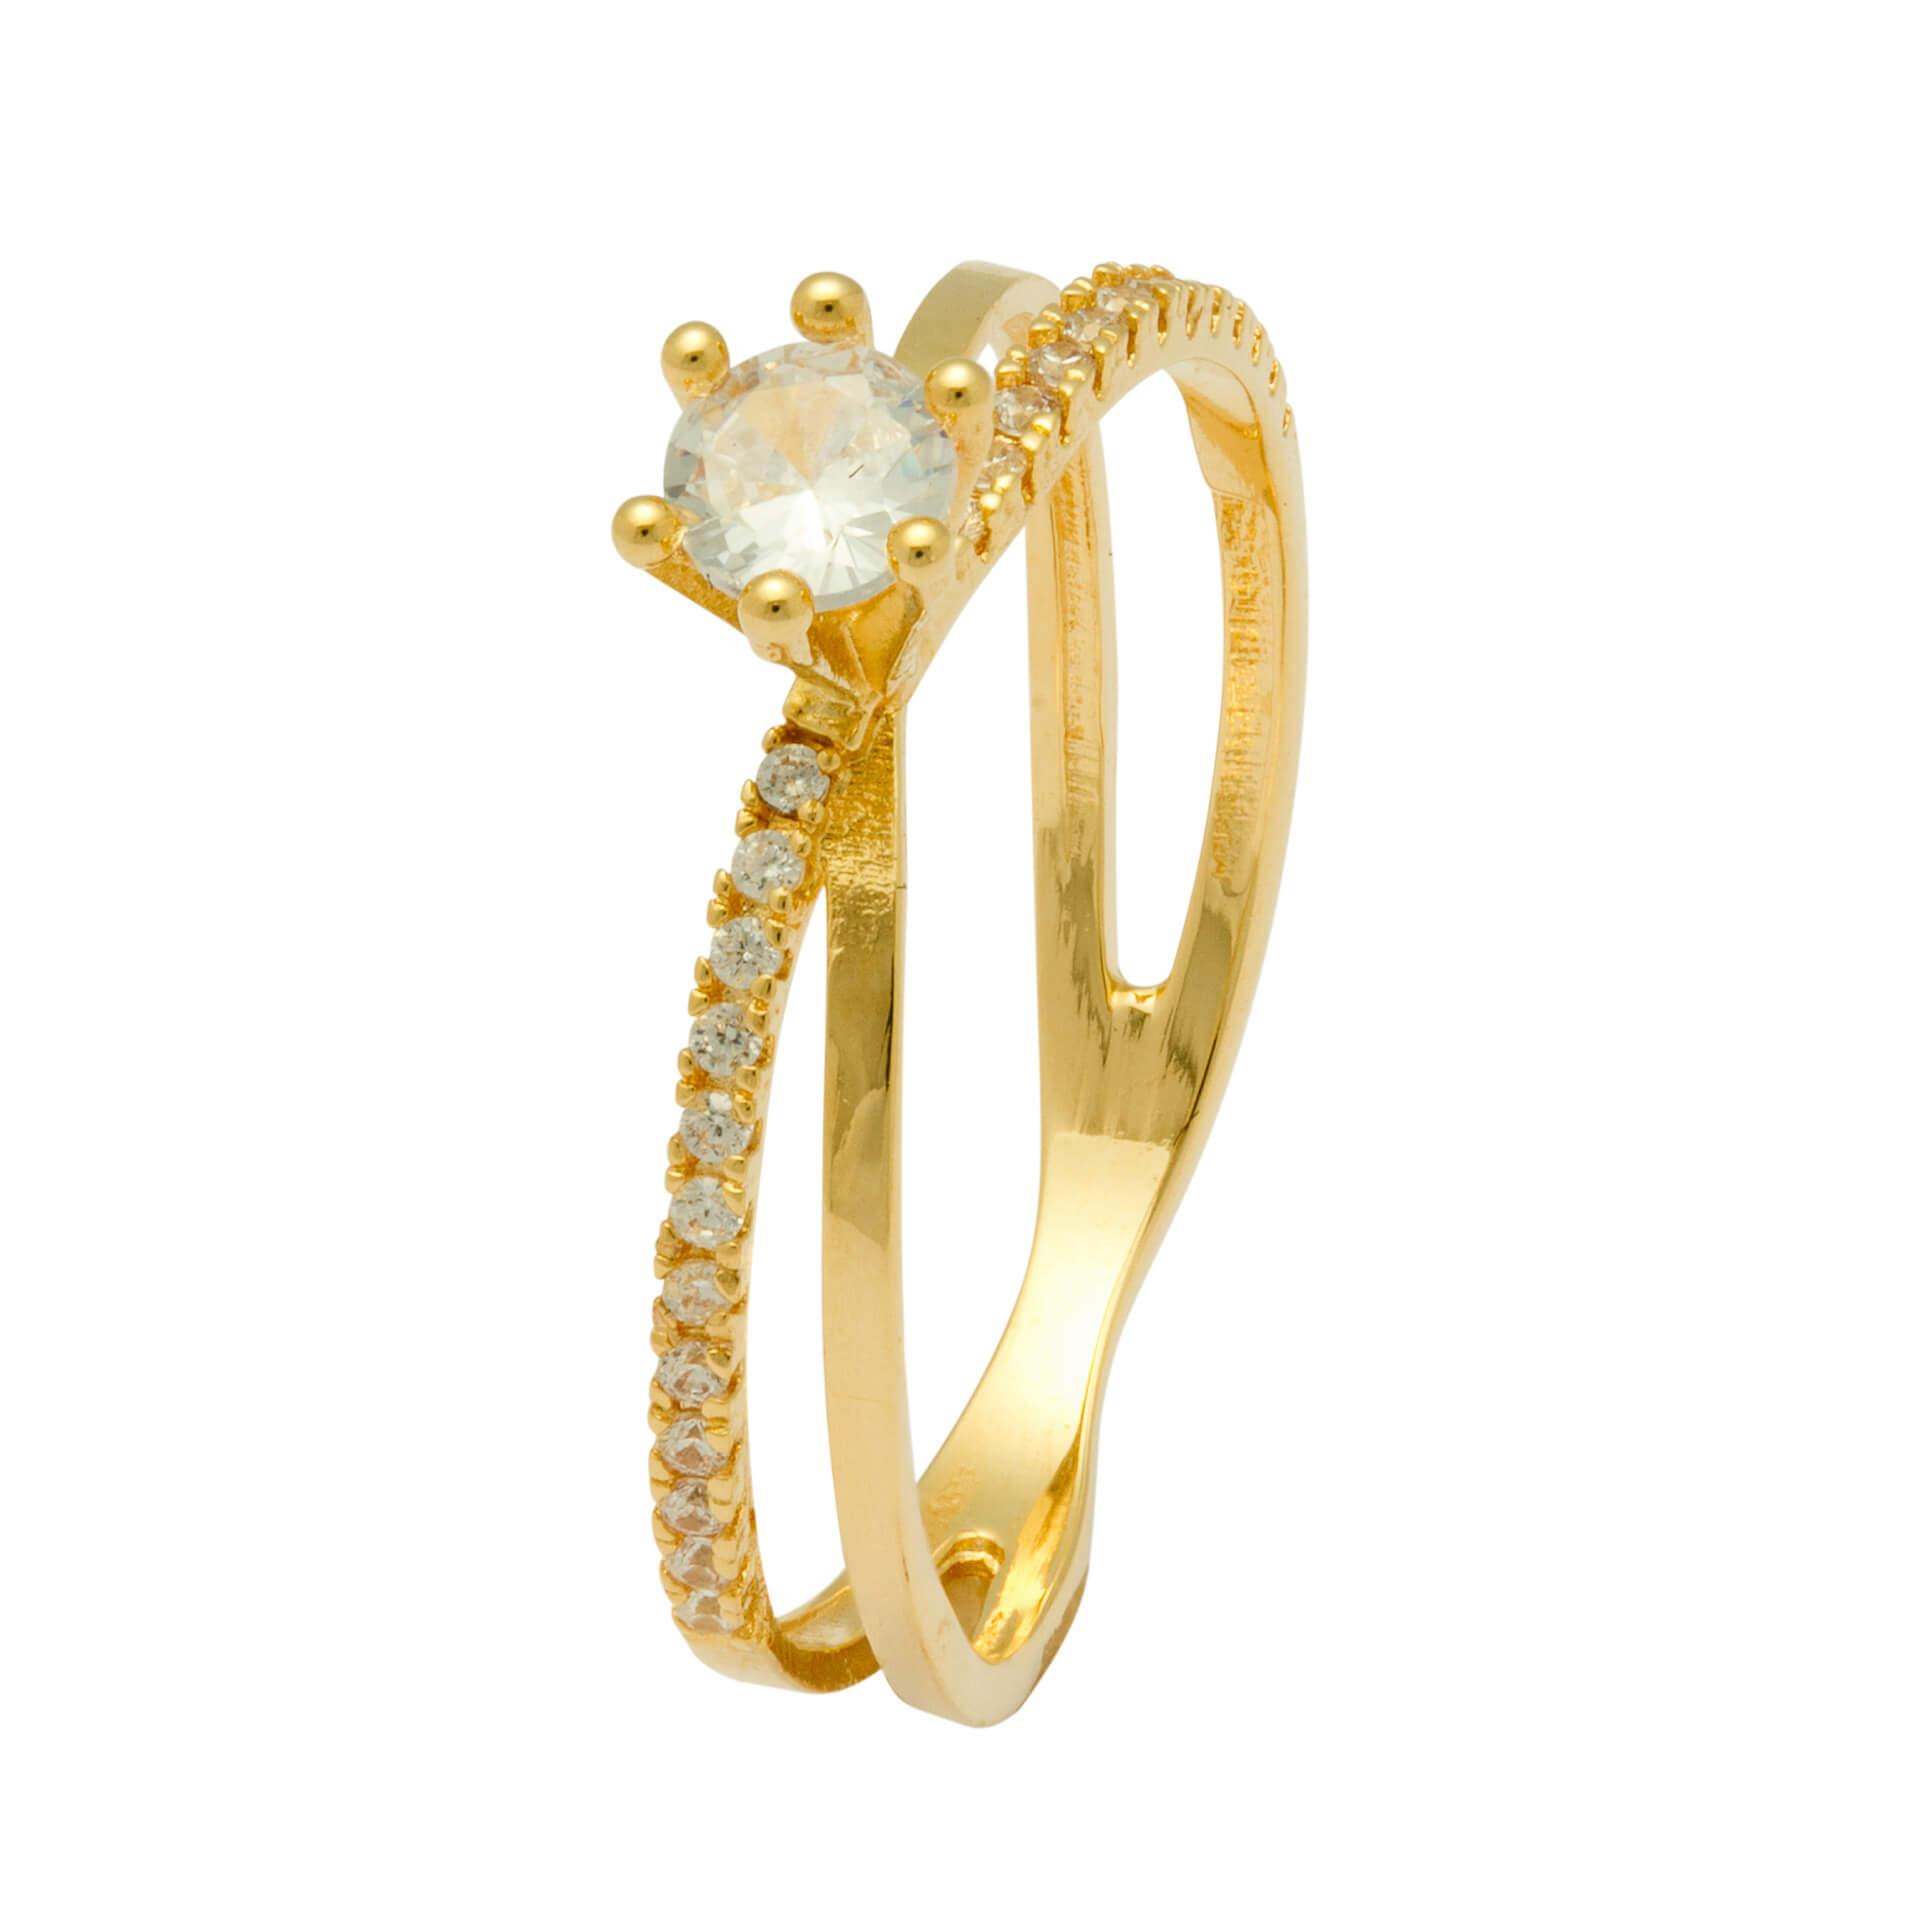 Solitário Ouro Amarelo 18k Jewel e 38 Pontos de Diamantes